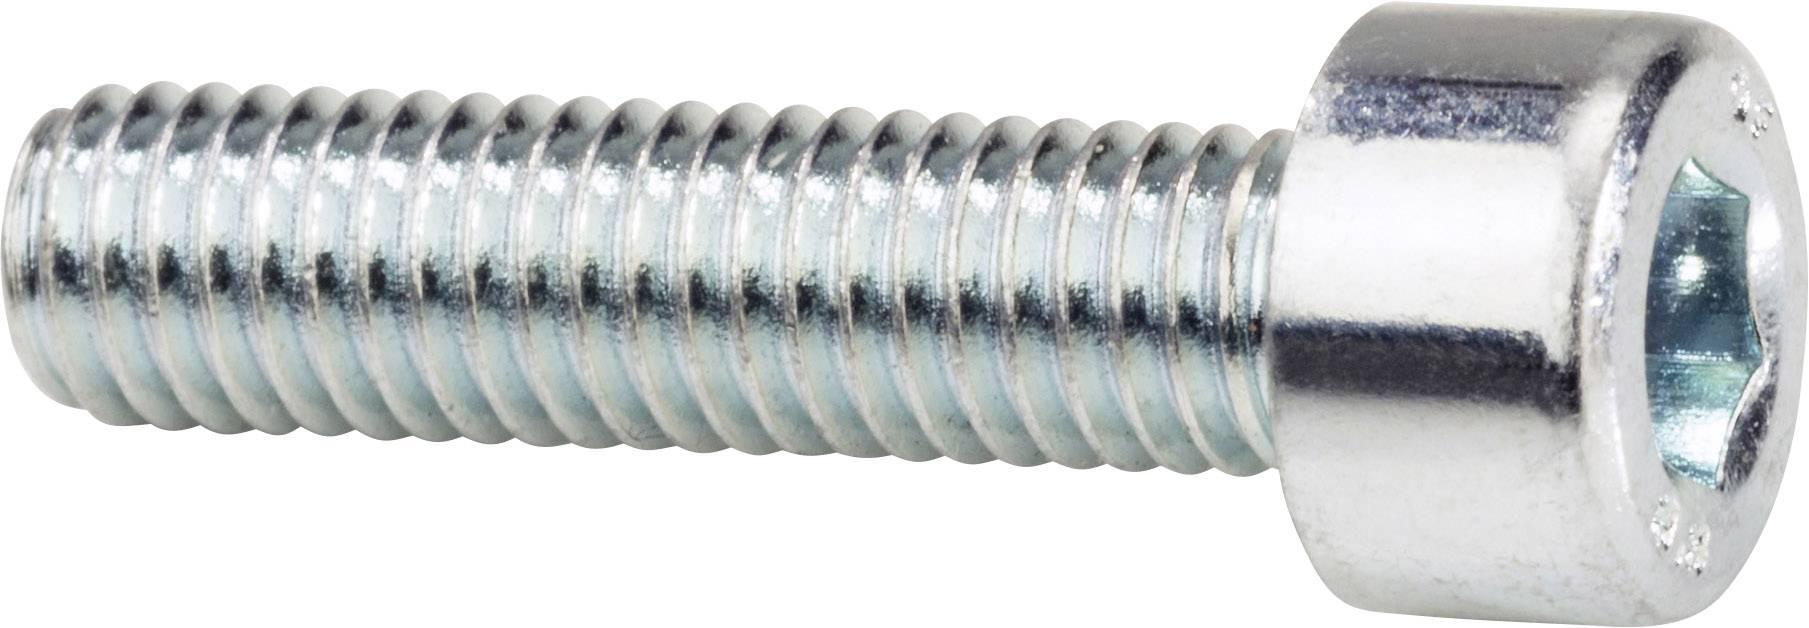 Šrouby s válcovou hlavou. 912, 3X12 100 ks